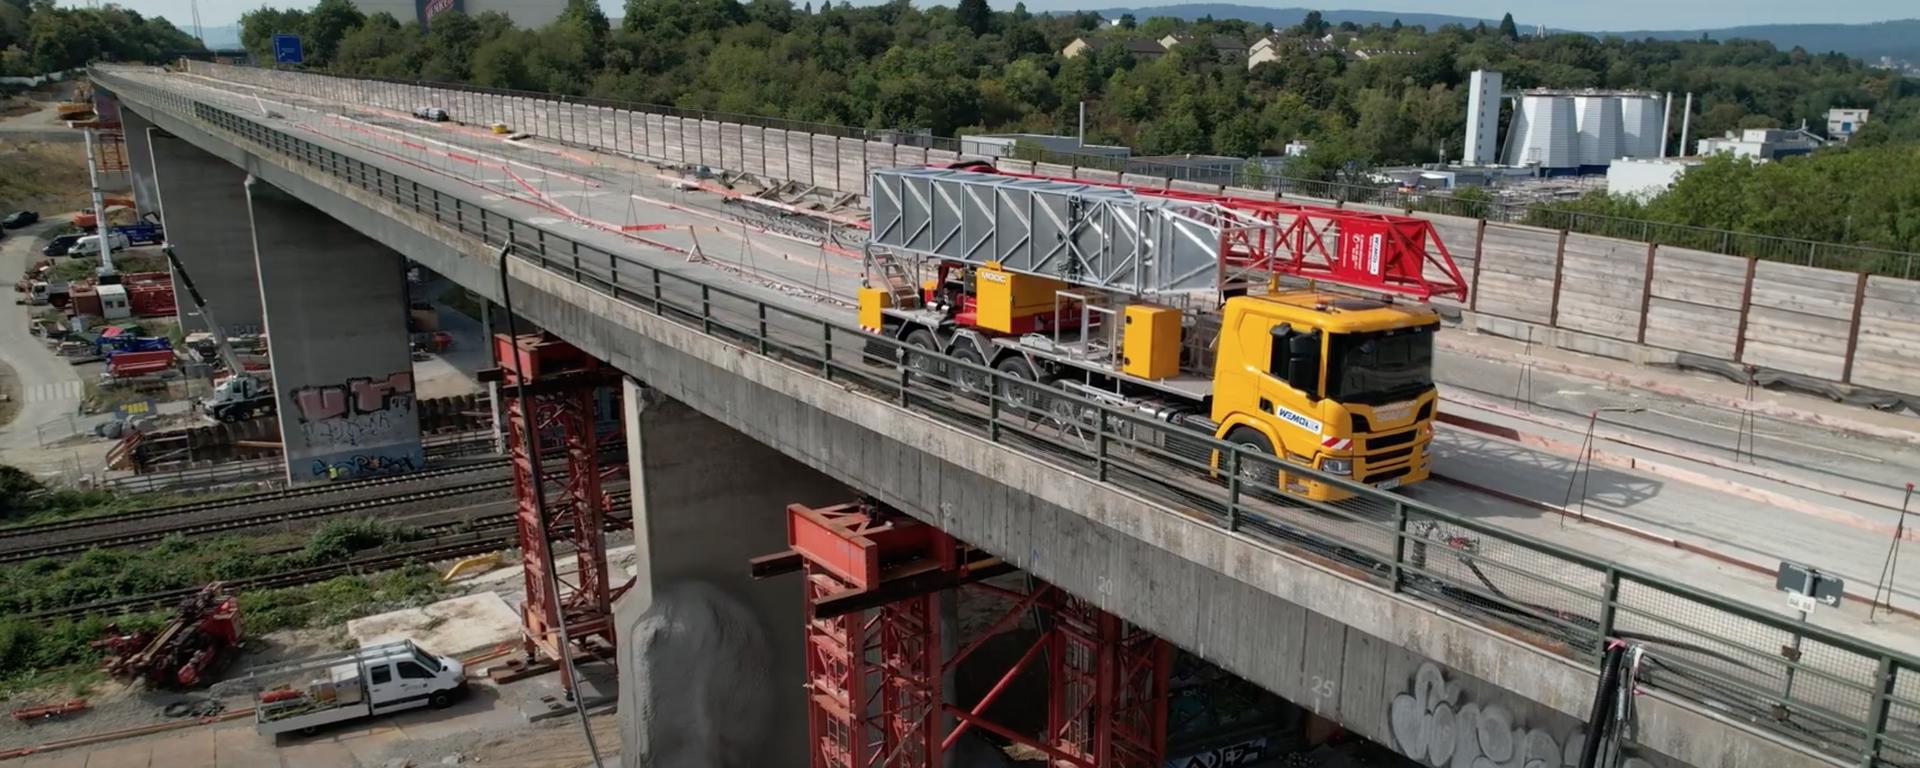 Salzbachtalbrücke: Sicherung Infrastruktur unter Brücke - SNA, 1920, 16.09.2021